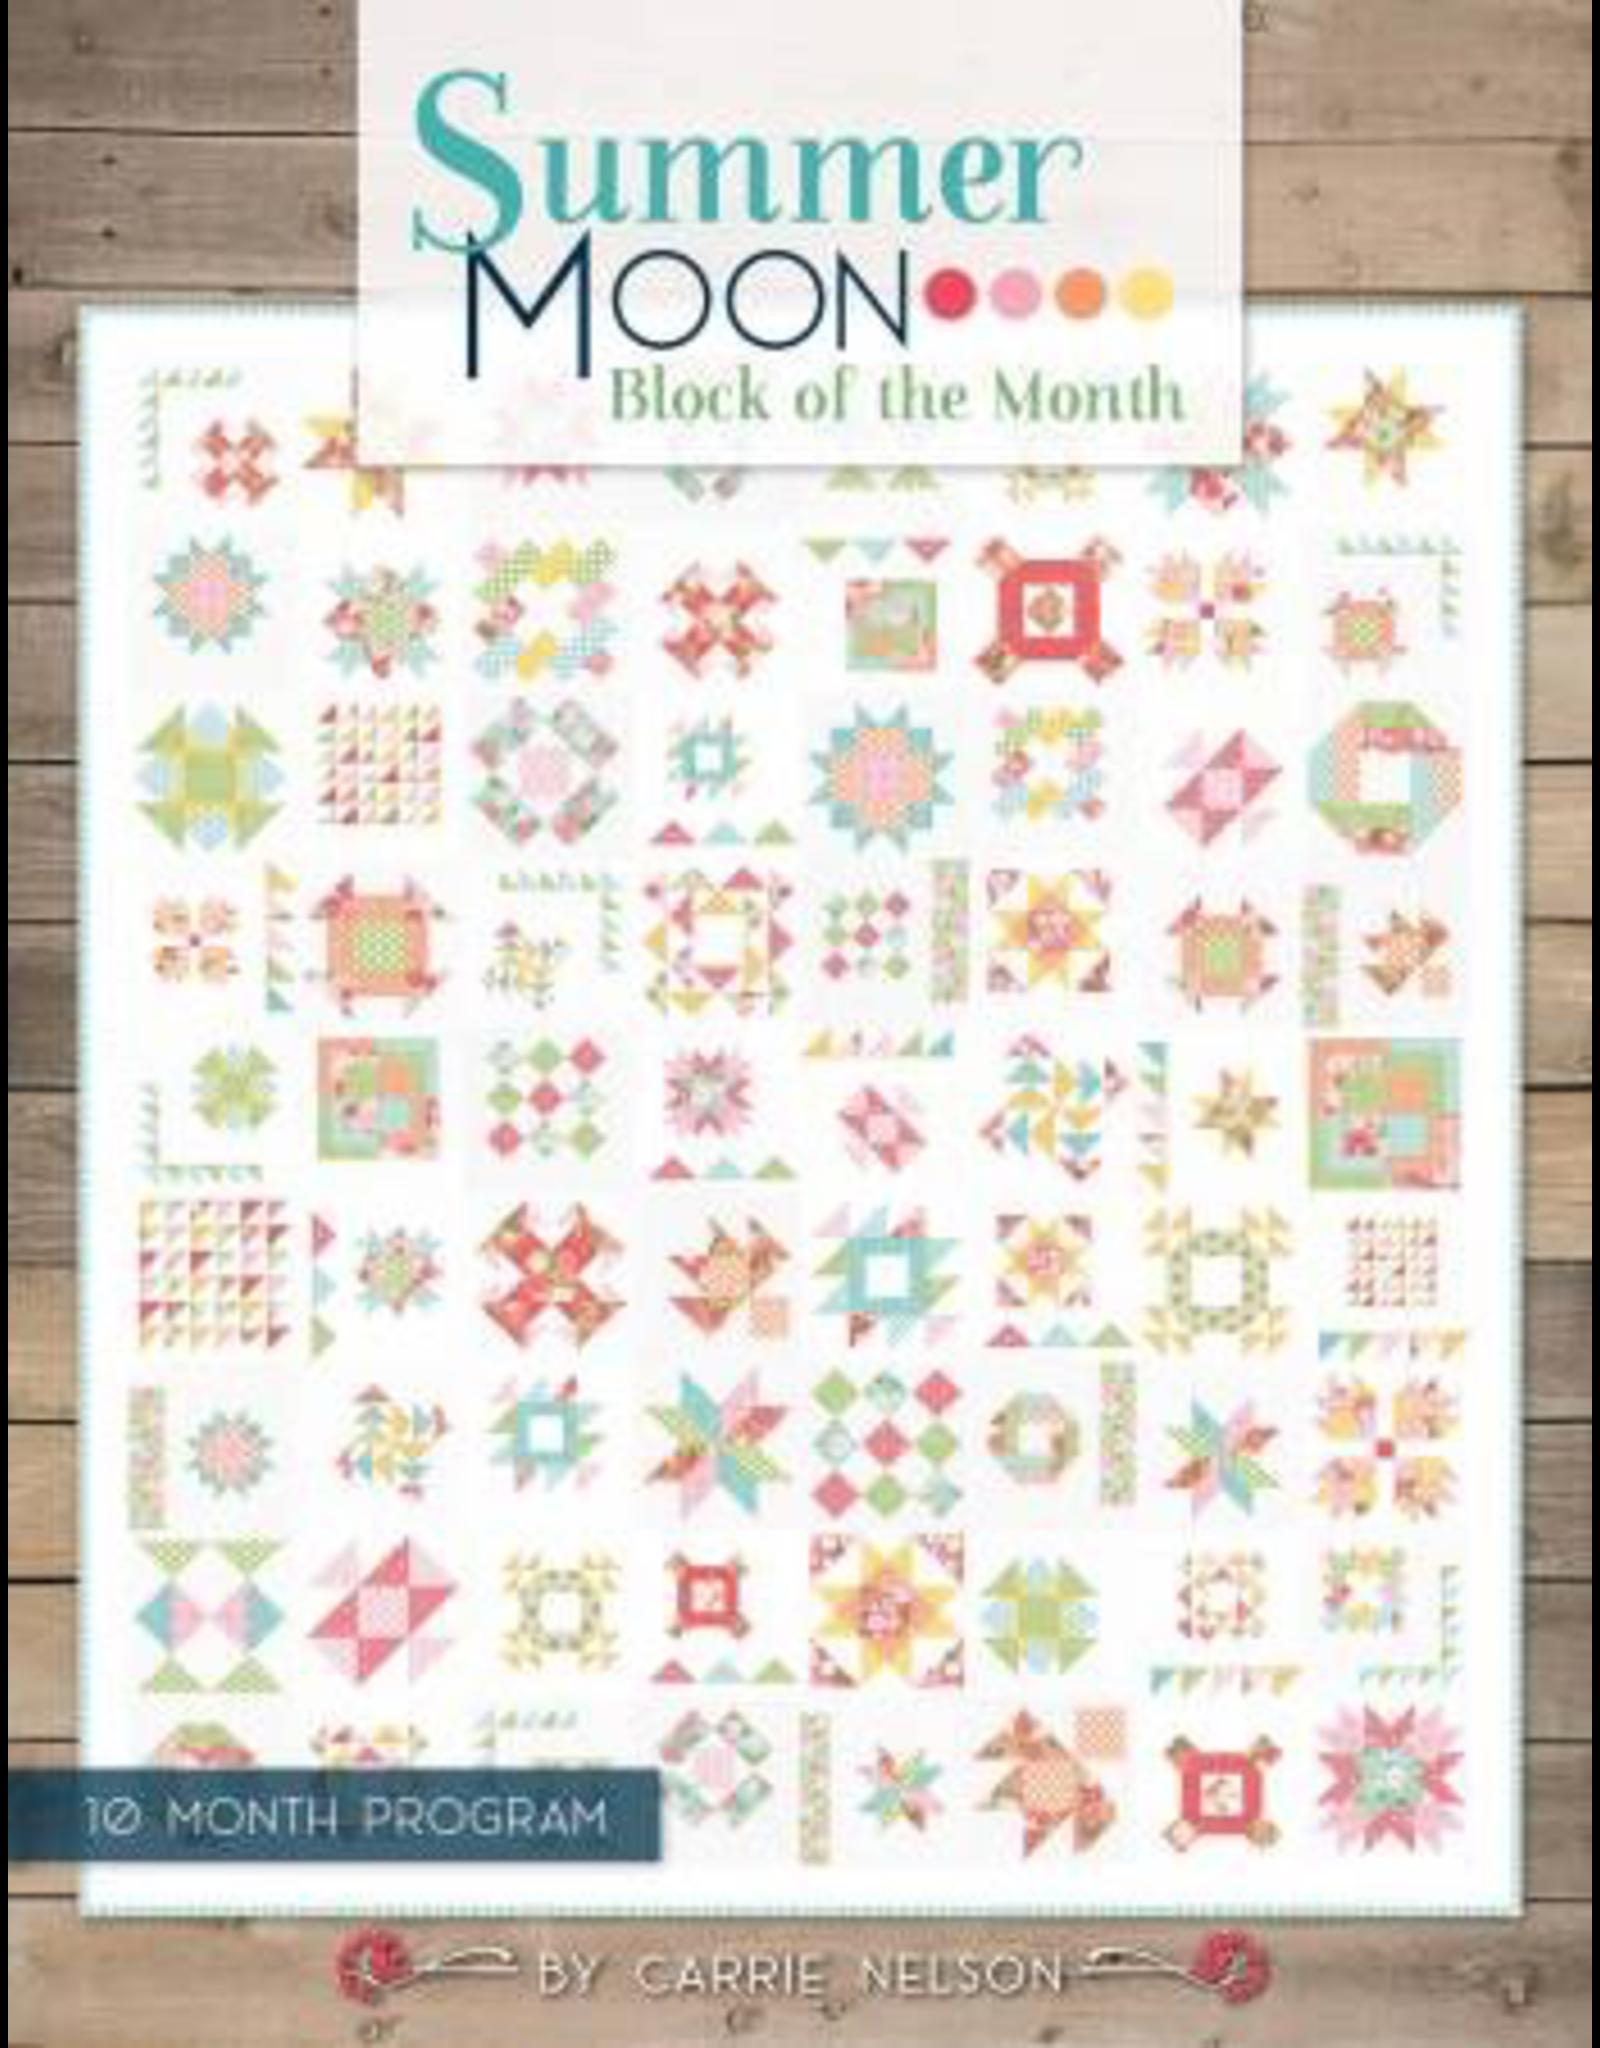 Summer Moon Book